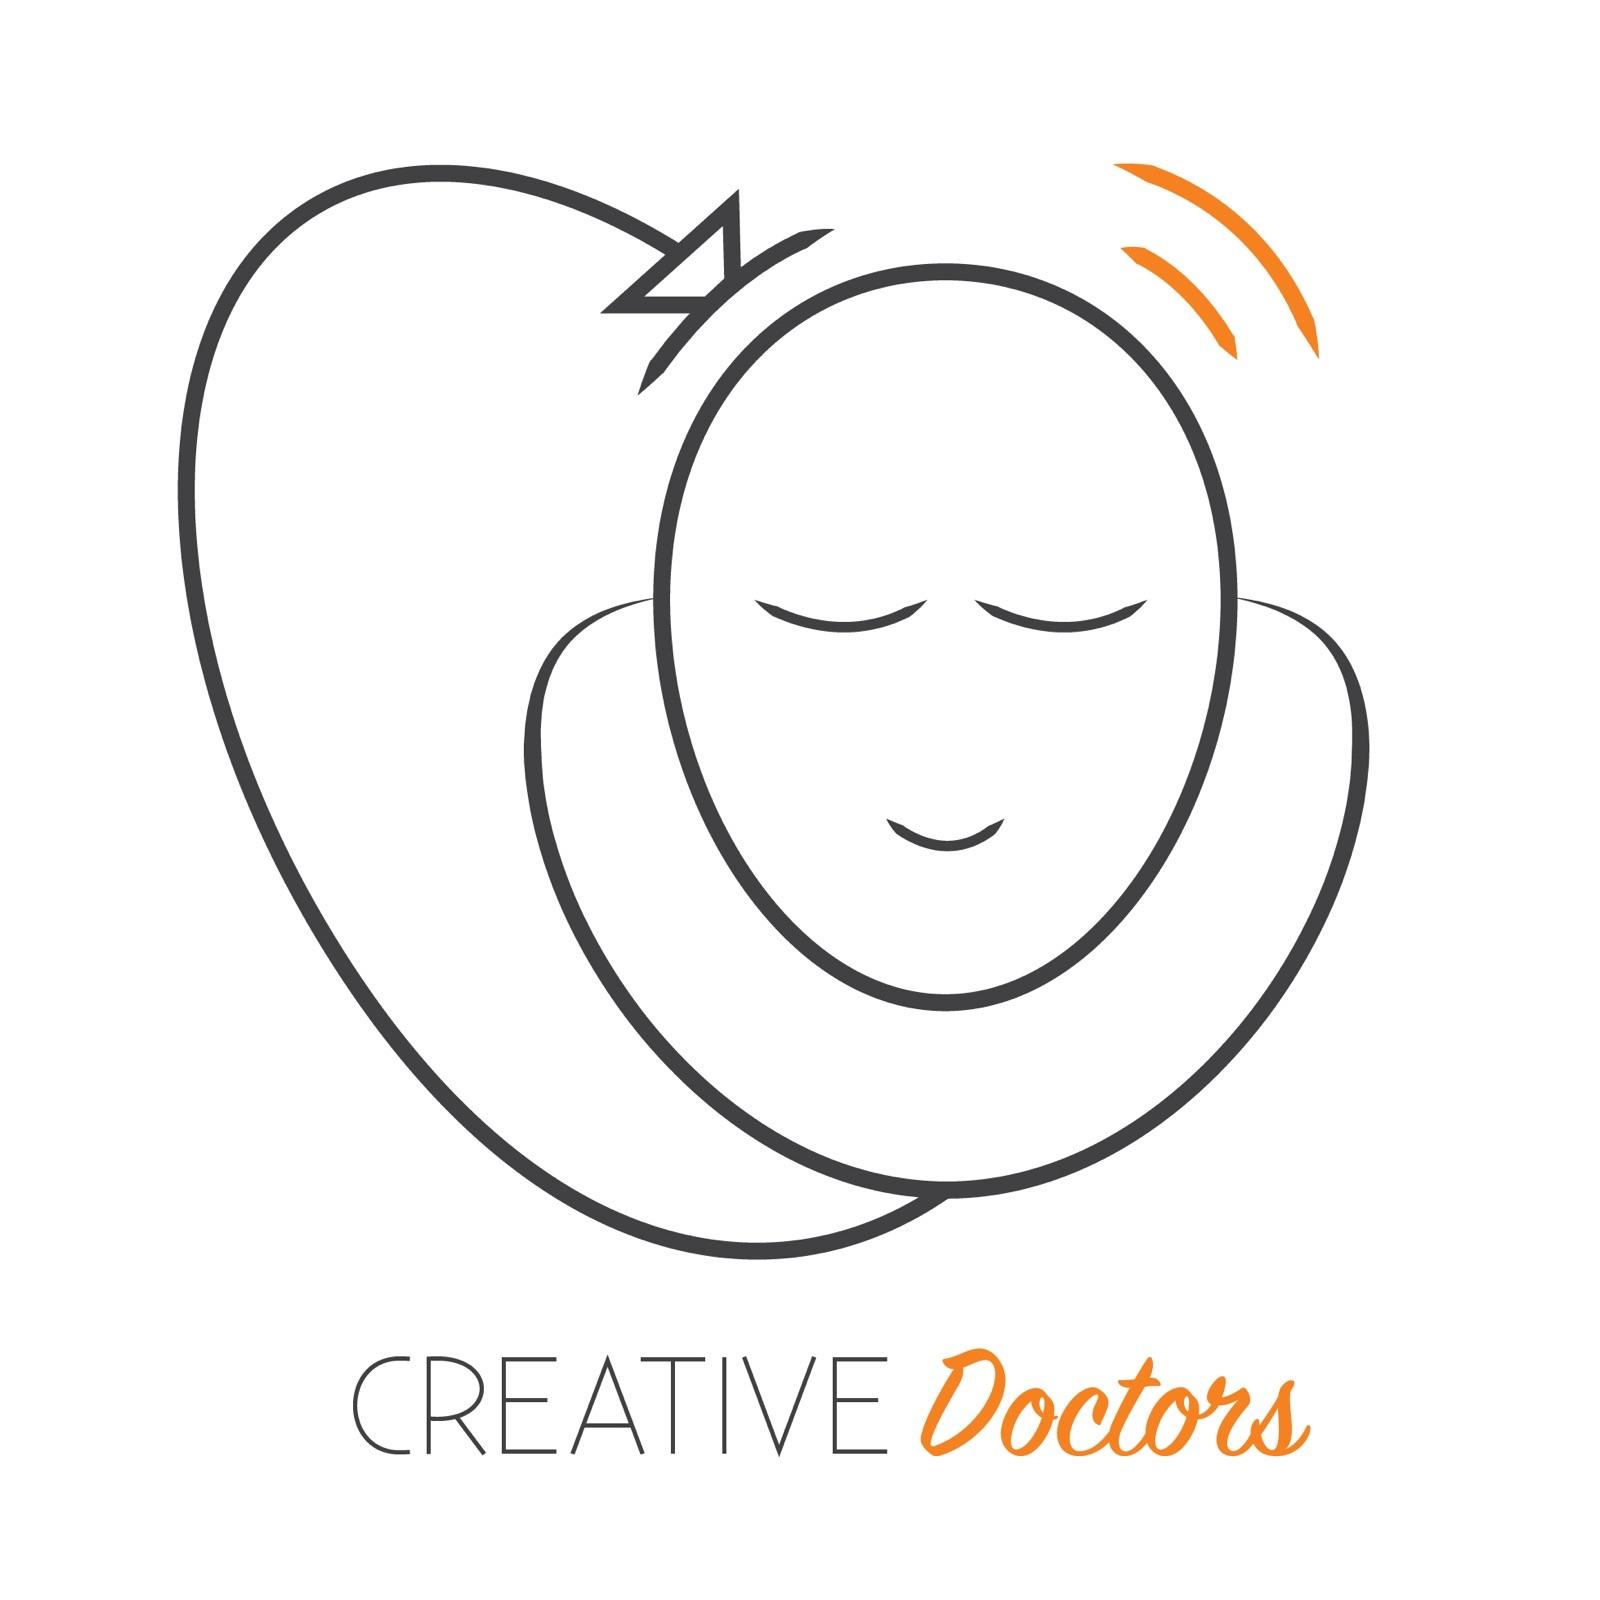 Creative Doctors